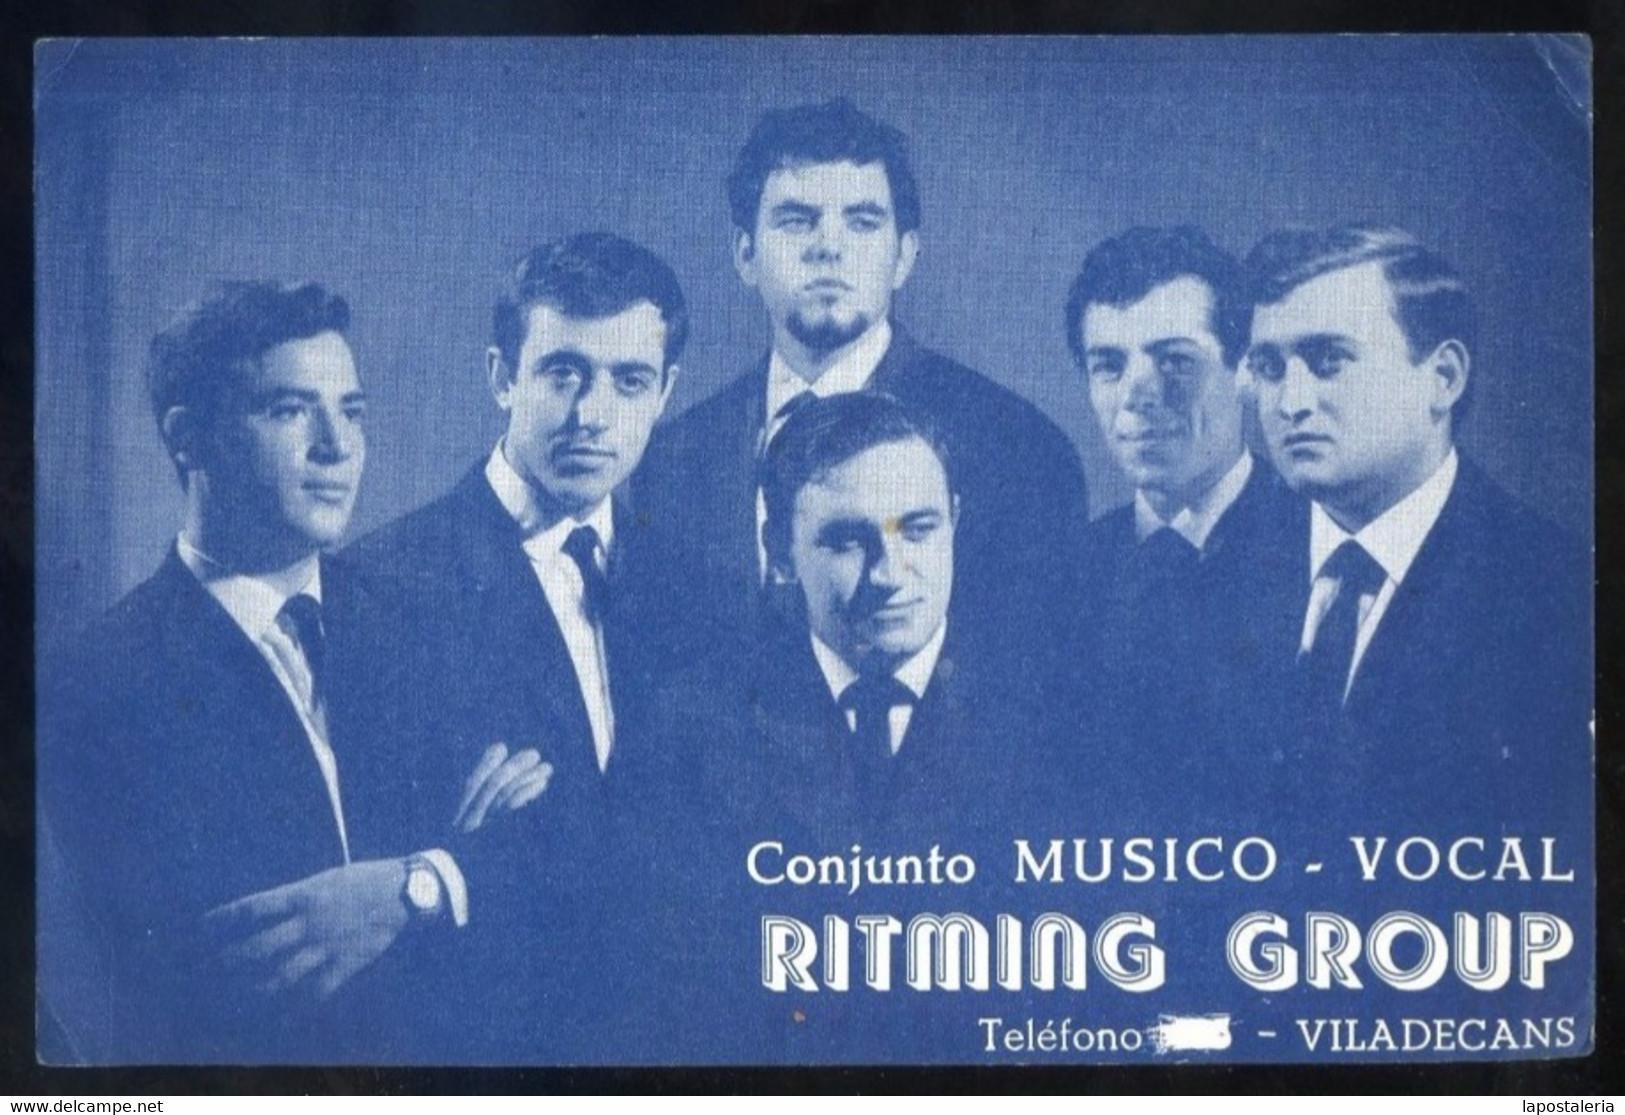 Viladecans *Ritming Group. Conjunto Músico-Vocal* Meds: 110 X 168 Mms. - Sin Clasificación